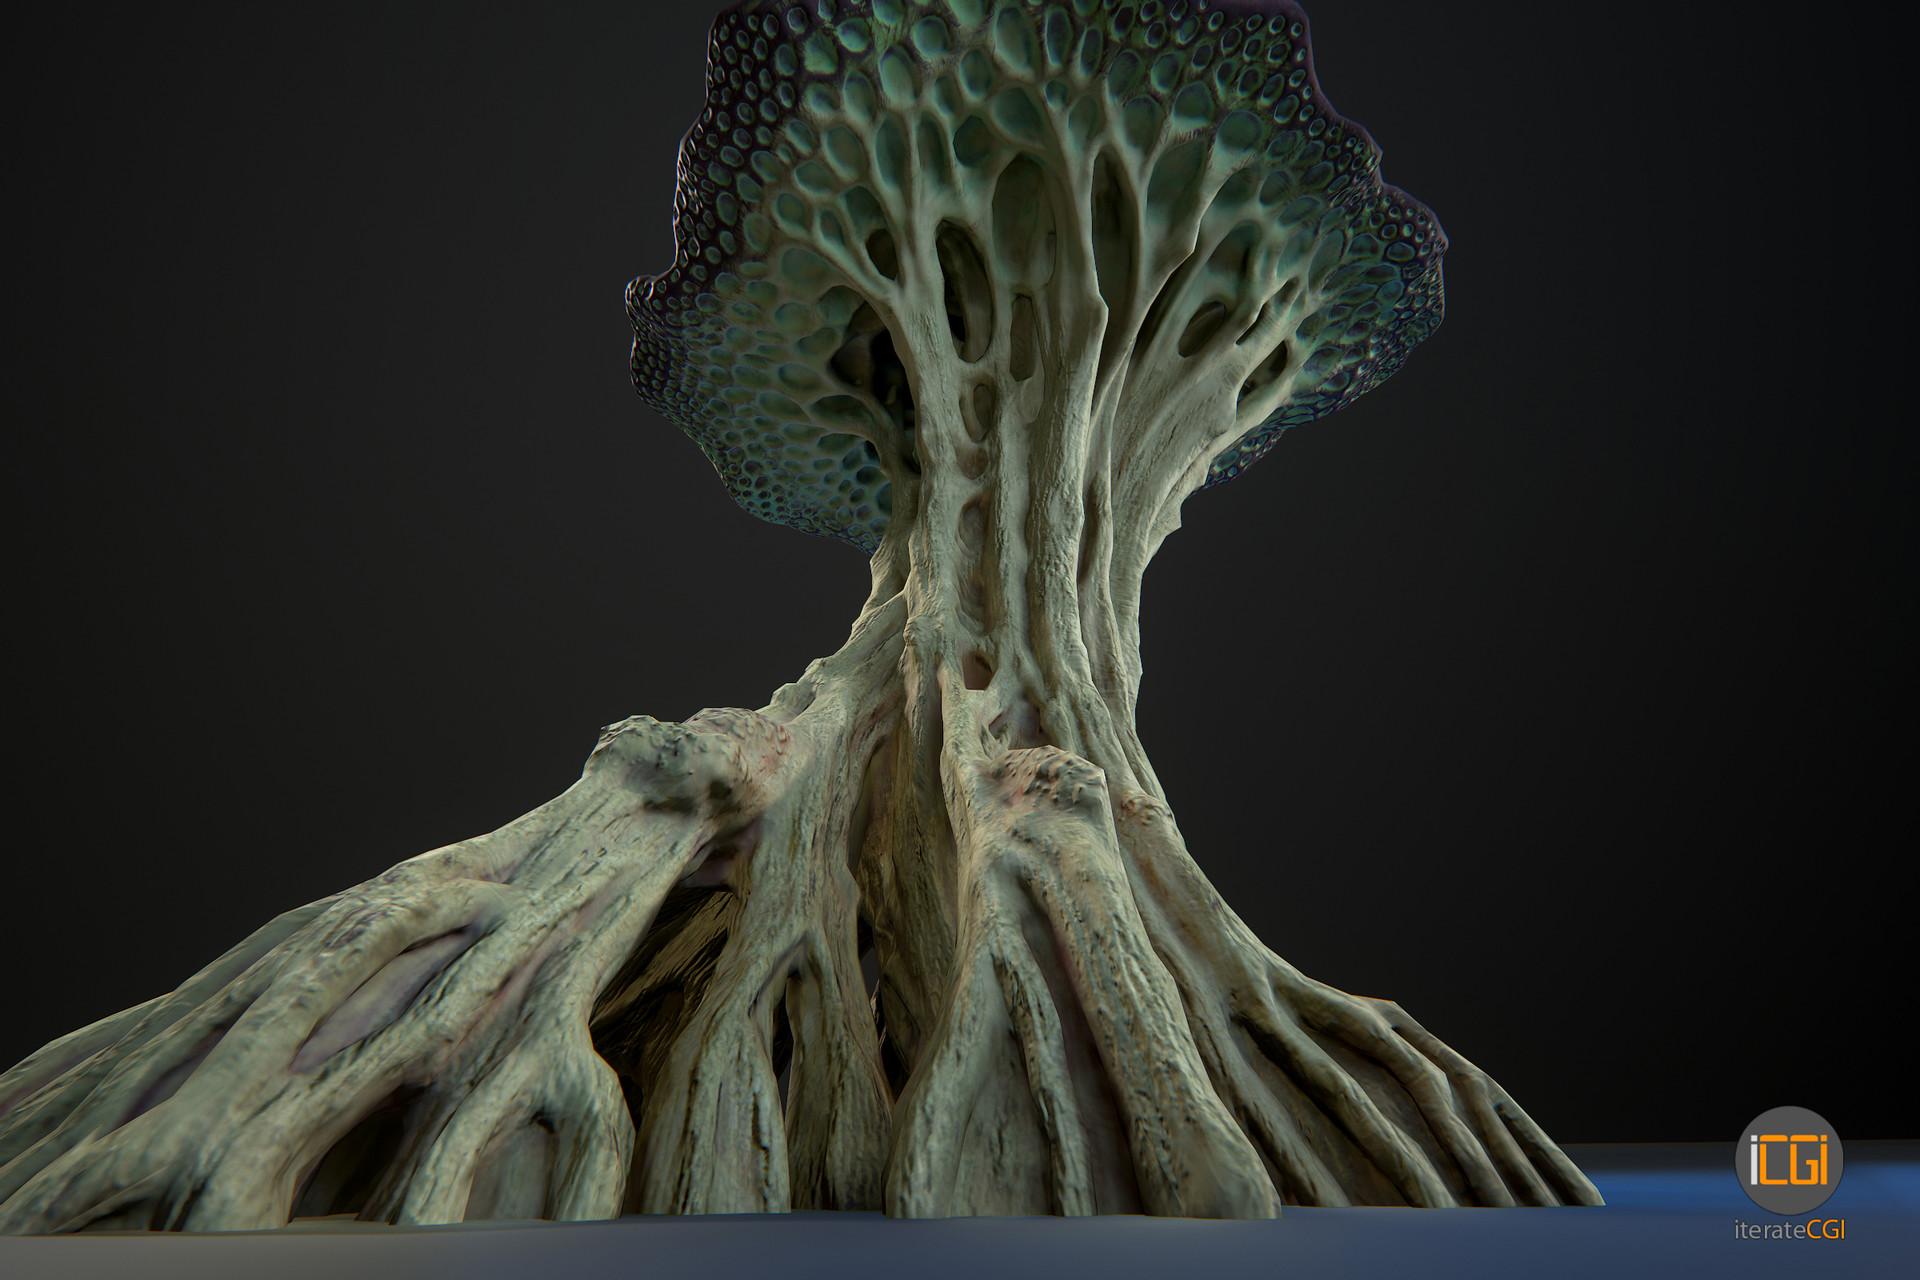 Johan de leenheer alien plant mushroom type2 20